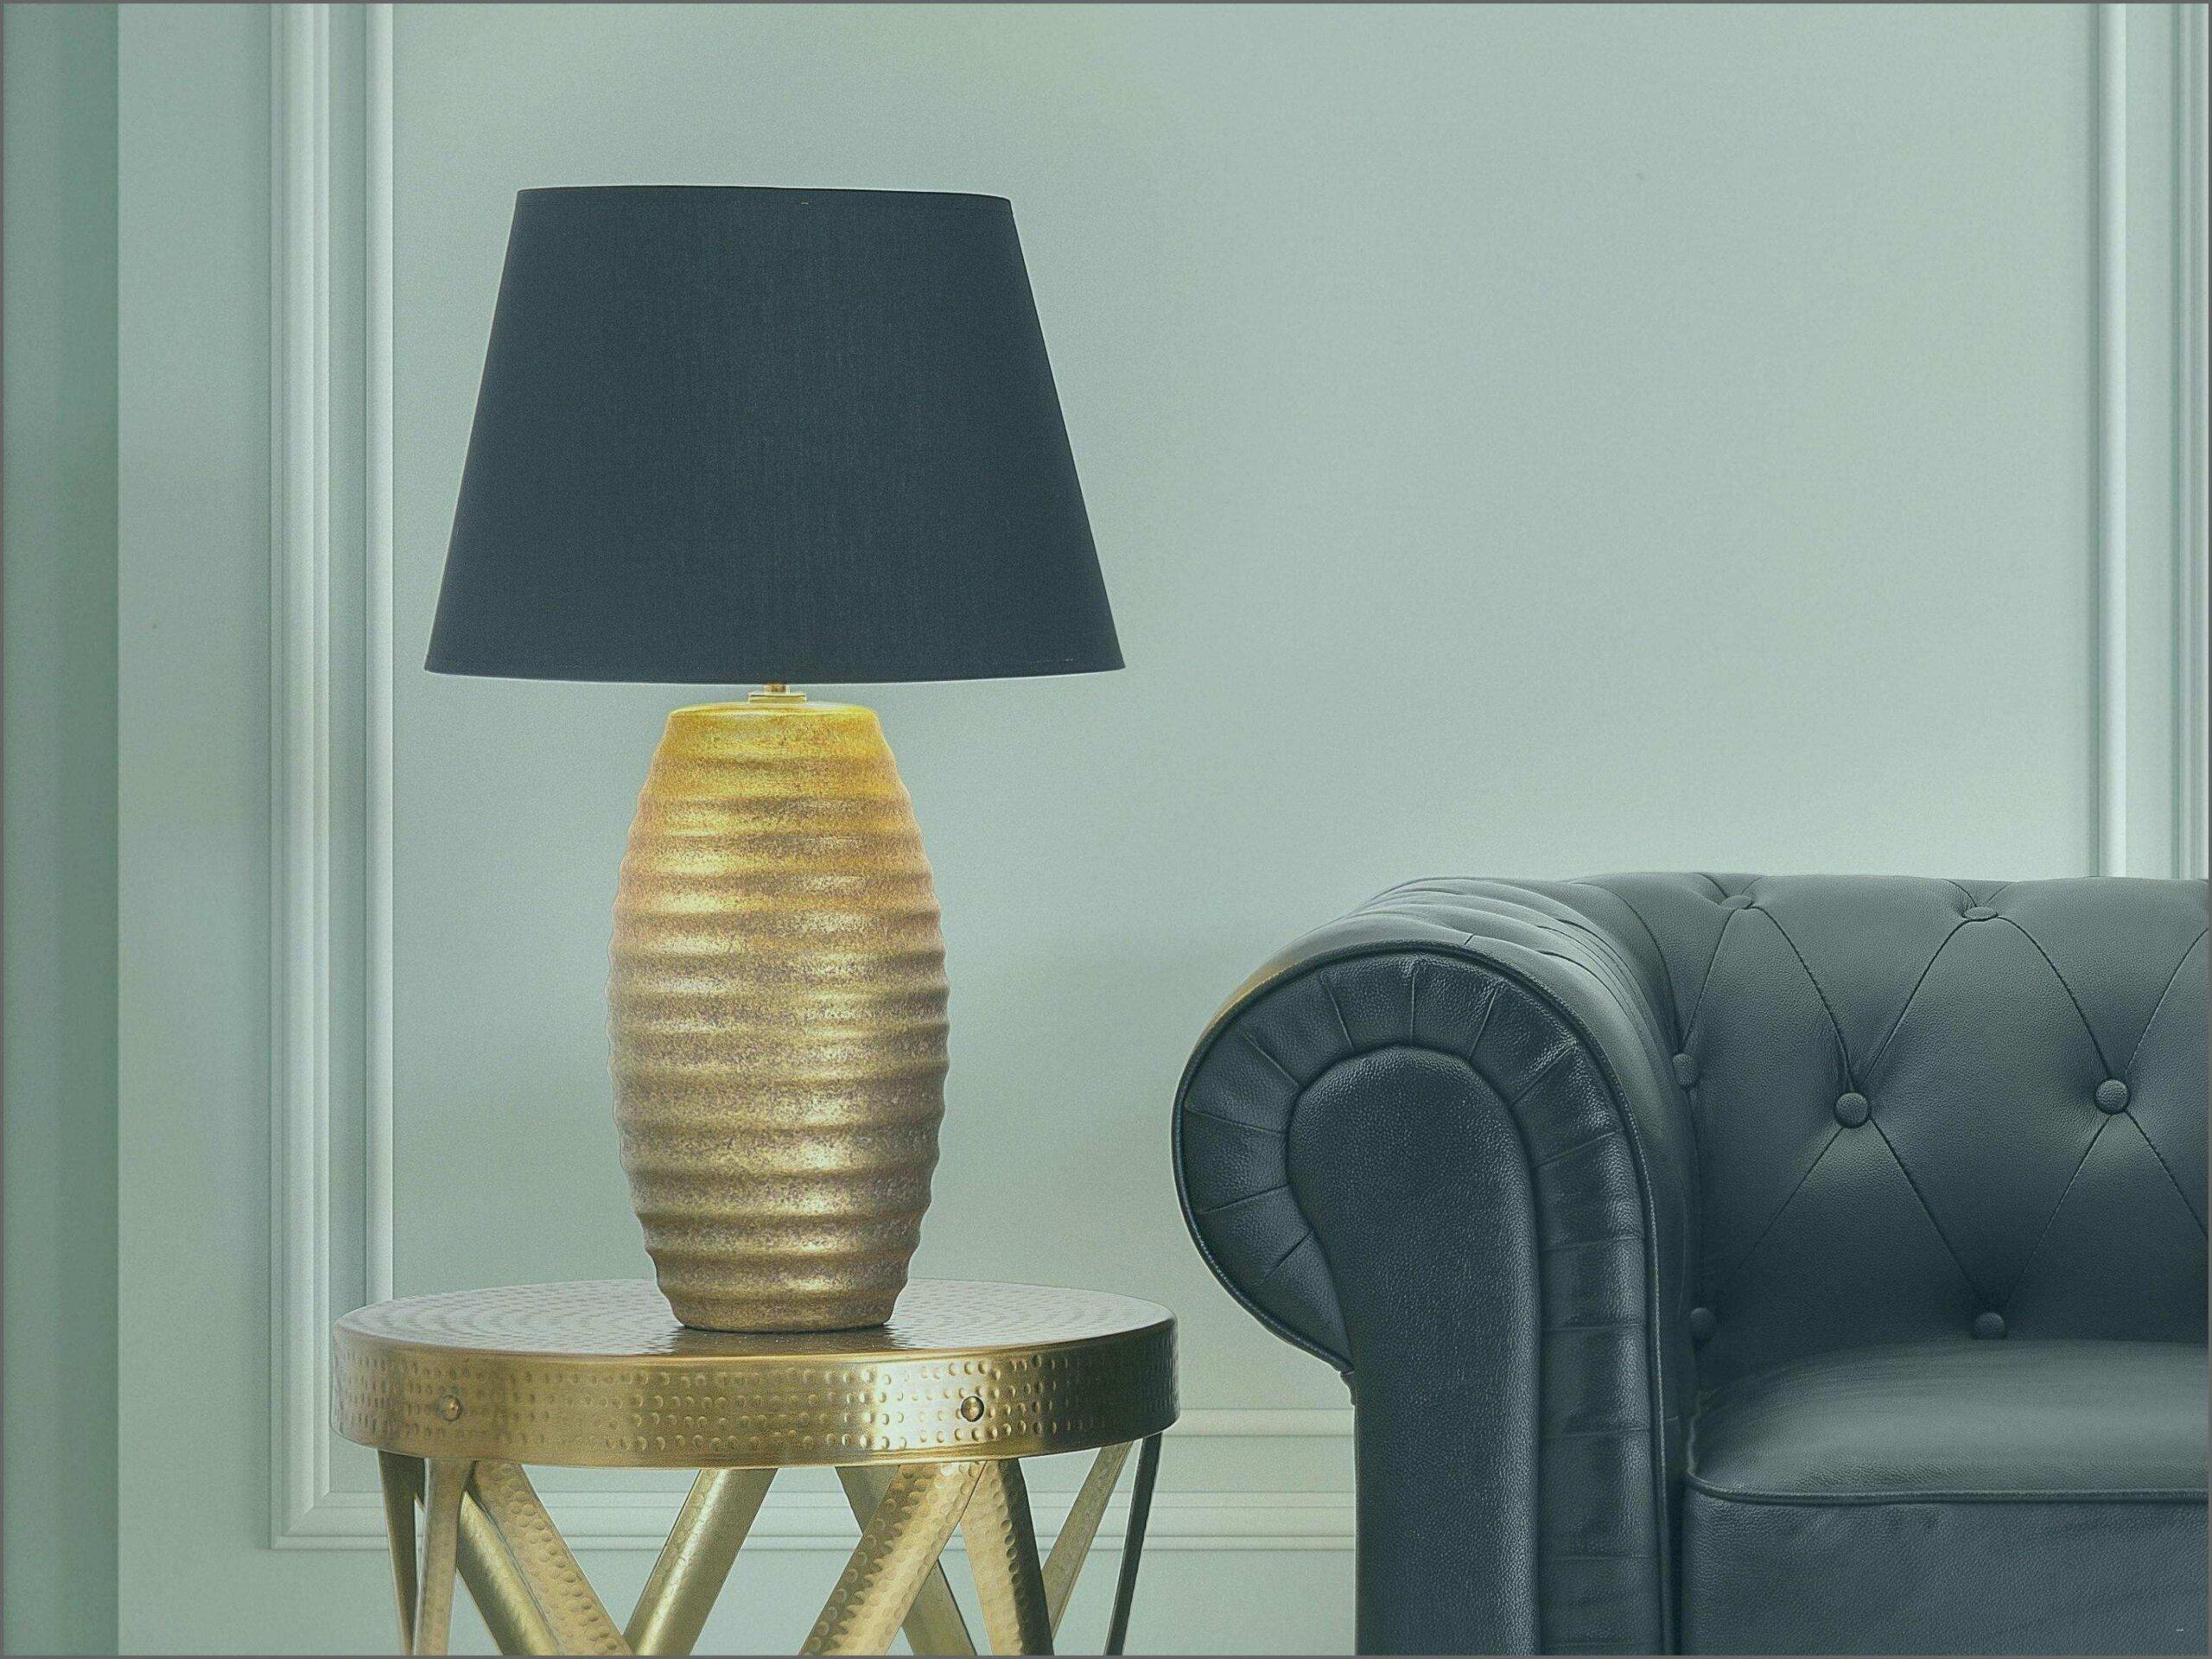 Full Size of Designer Lampen Esstisch Luxus Wohnzimmer Lampe Tolles Rollo Deckenleuchten Hängelampe Wandbilder Wandtattoo Teppich Led Beleuchtung Bad Gardinen Für Wohnzimmer Designer Lampen Wohnzimmer